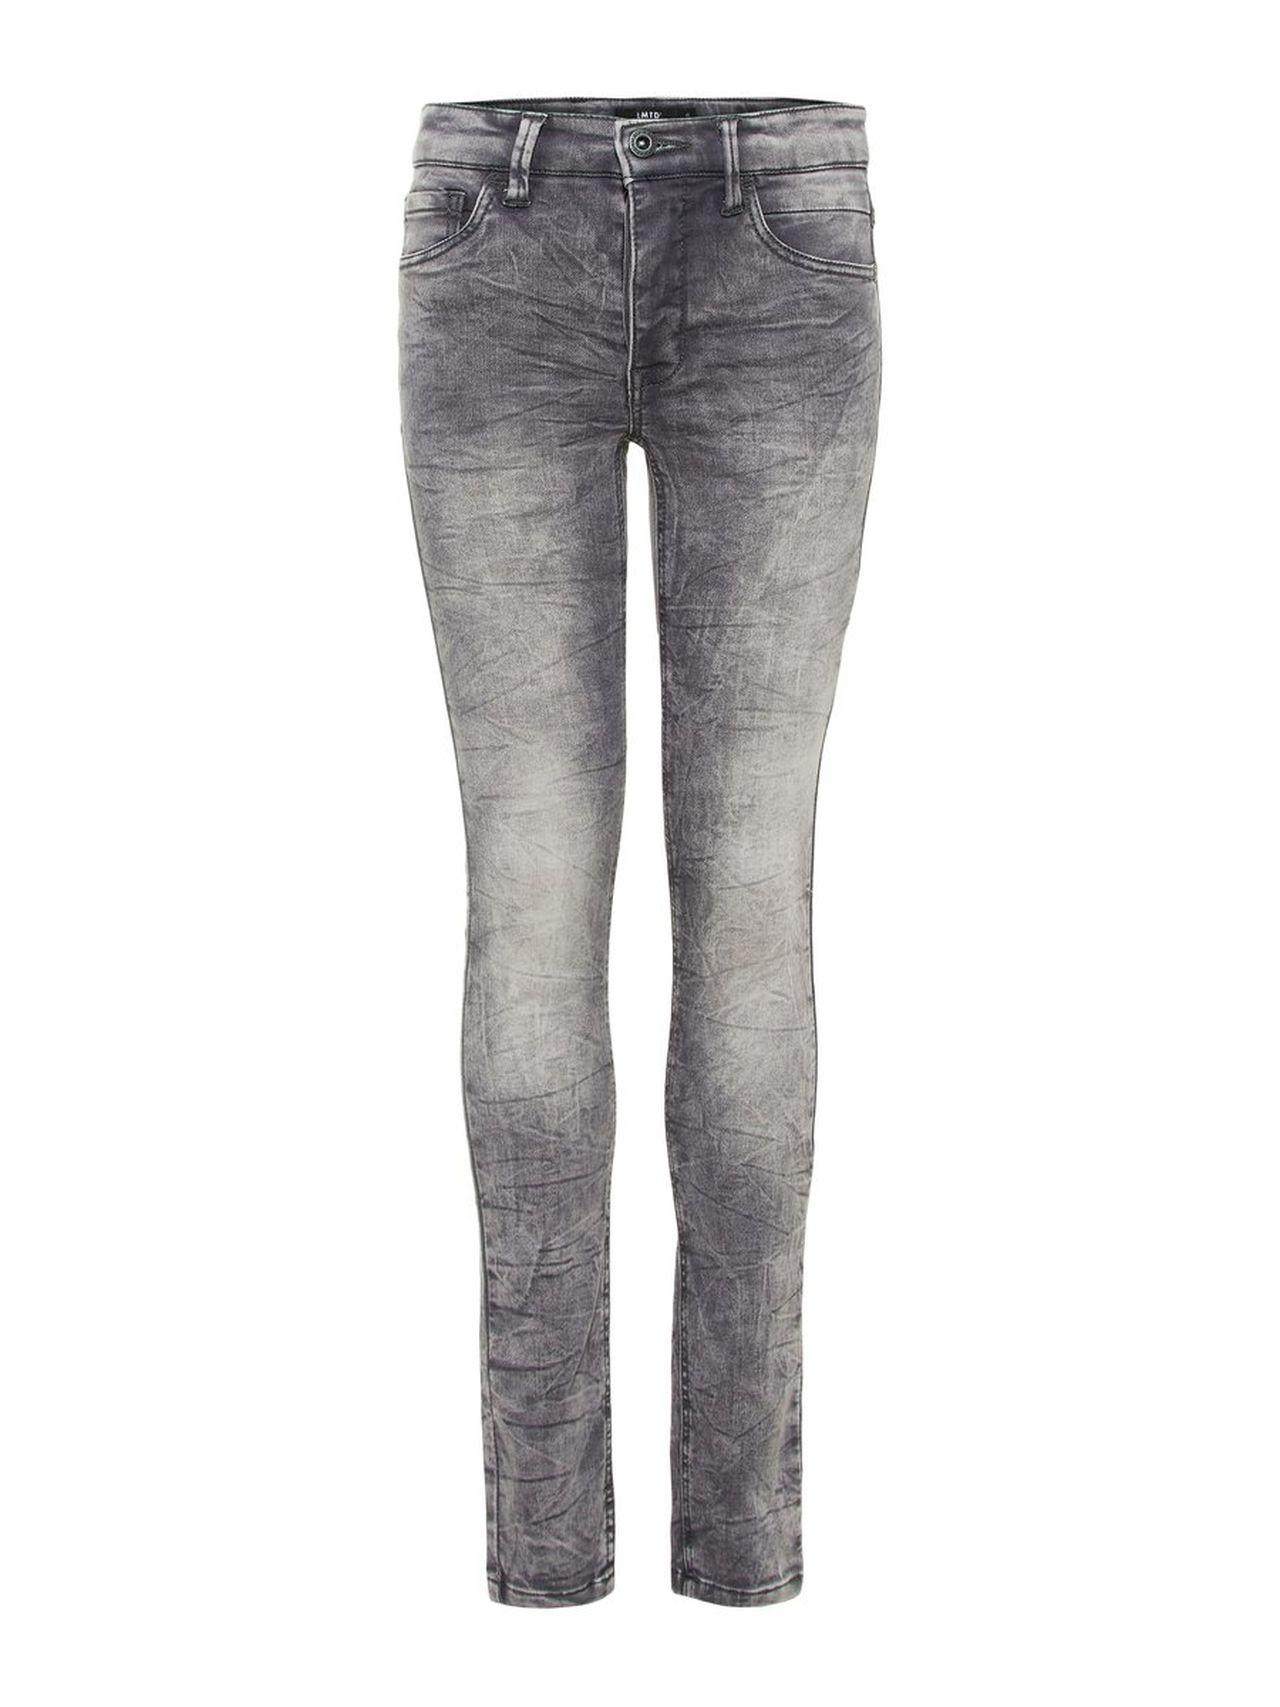 NAME IT Teen Skinny Fit Super Stretch Sweat Denim Jeans Man Blå